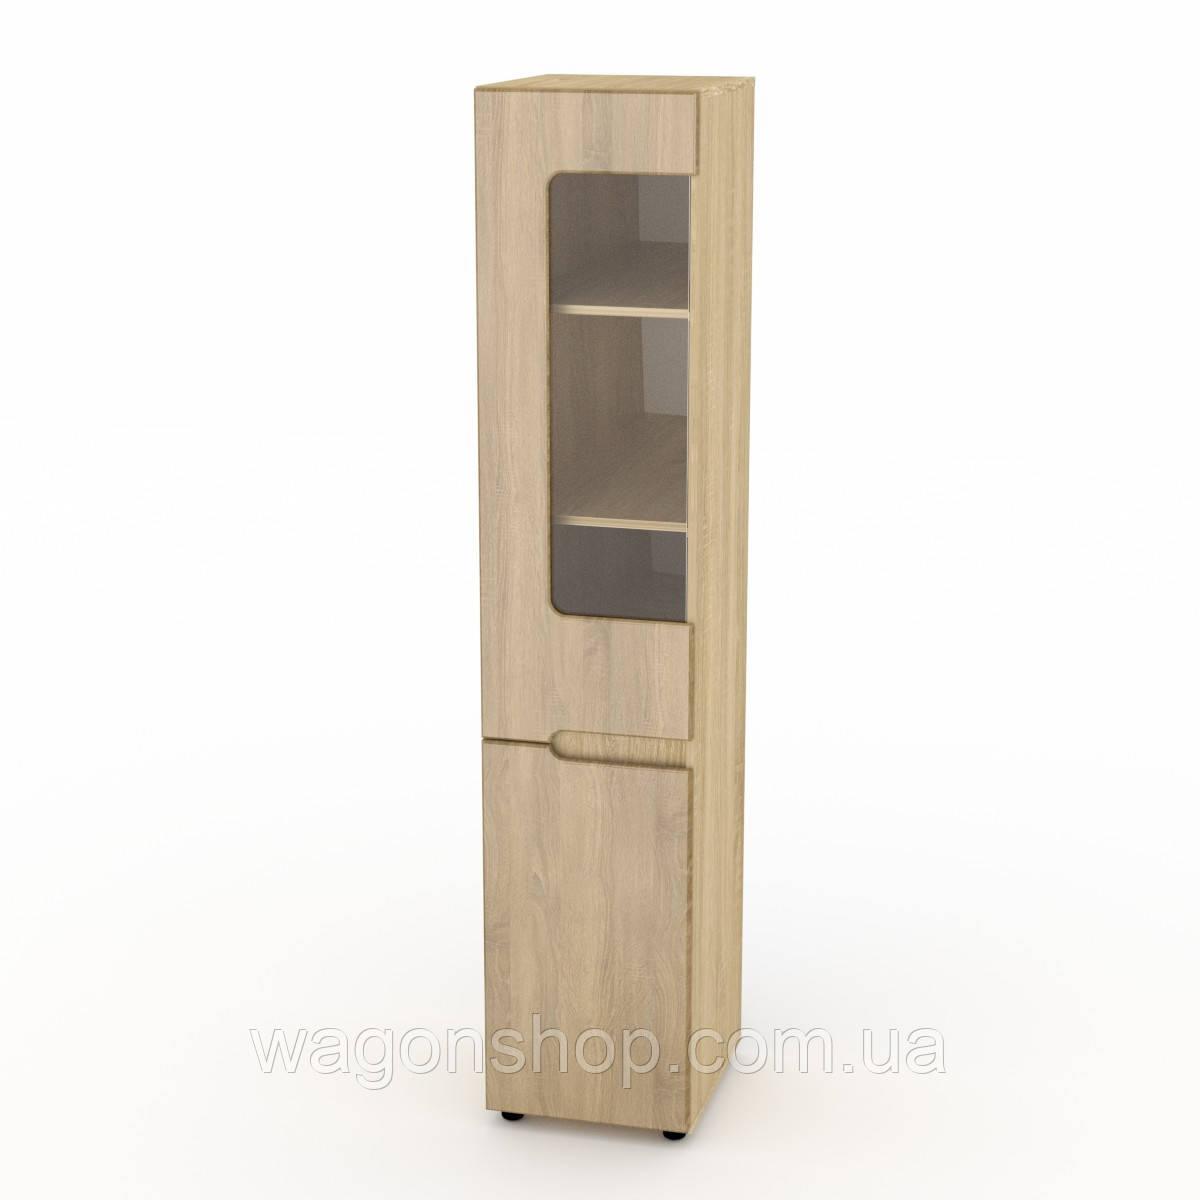 Шкаф для спальни Компанит МС Шкаф-24 Л МДФ